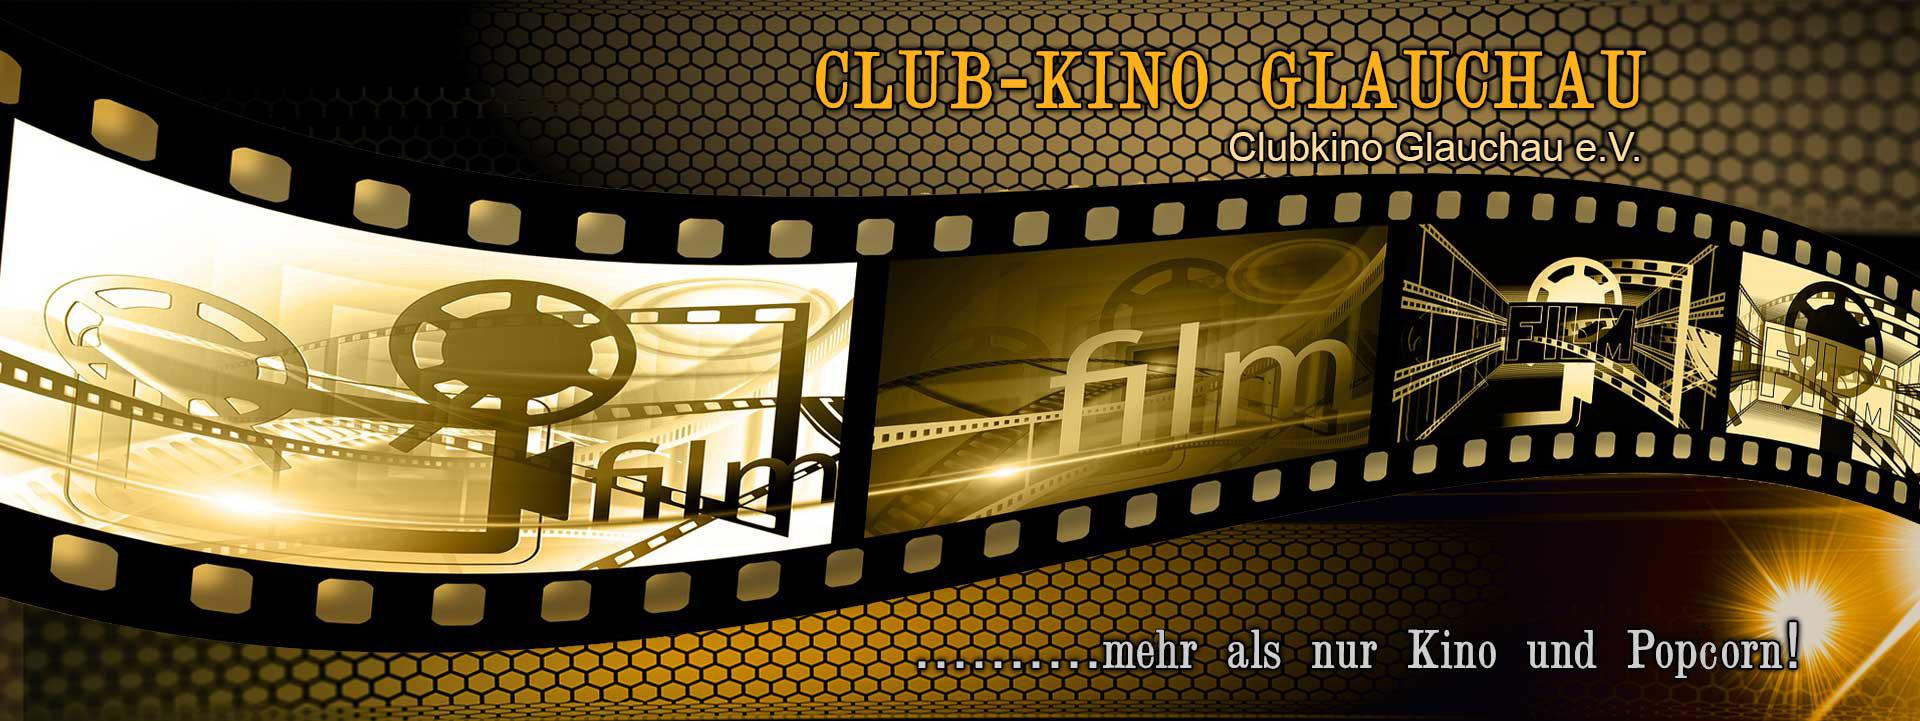 Club-Kino Glauchau